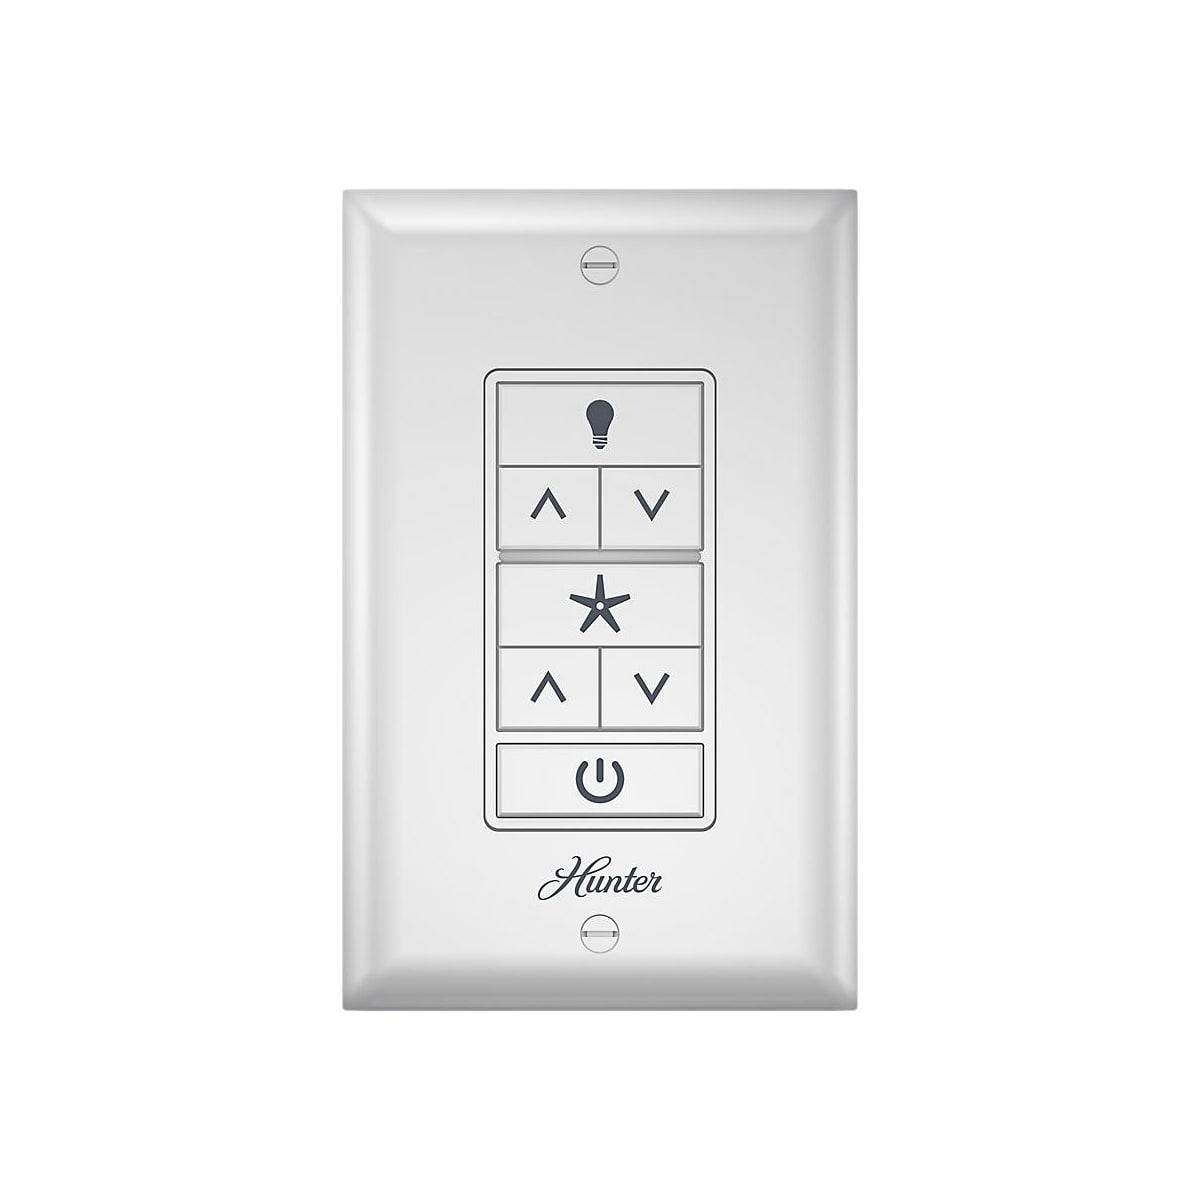 Ceiling Fan Light Kit Cover Plate 2022